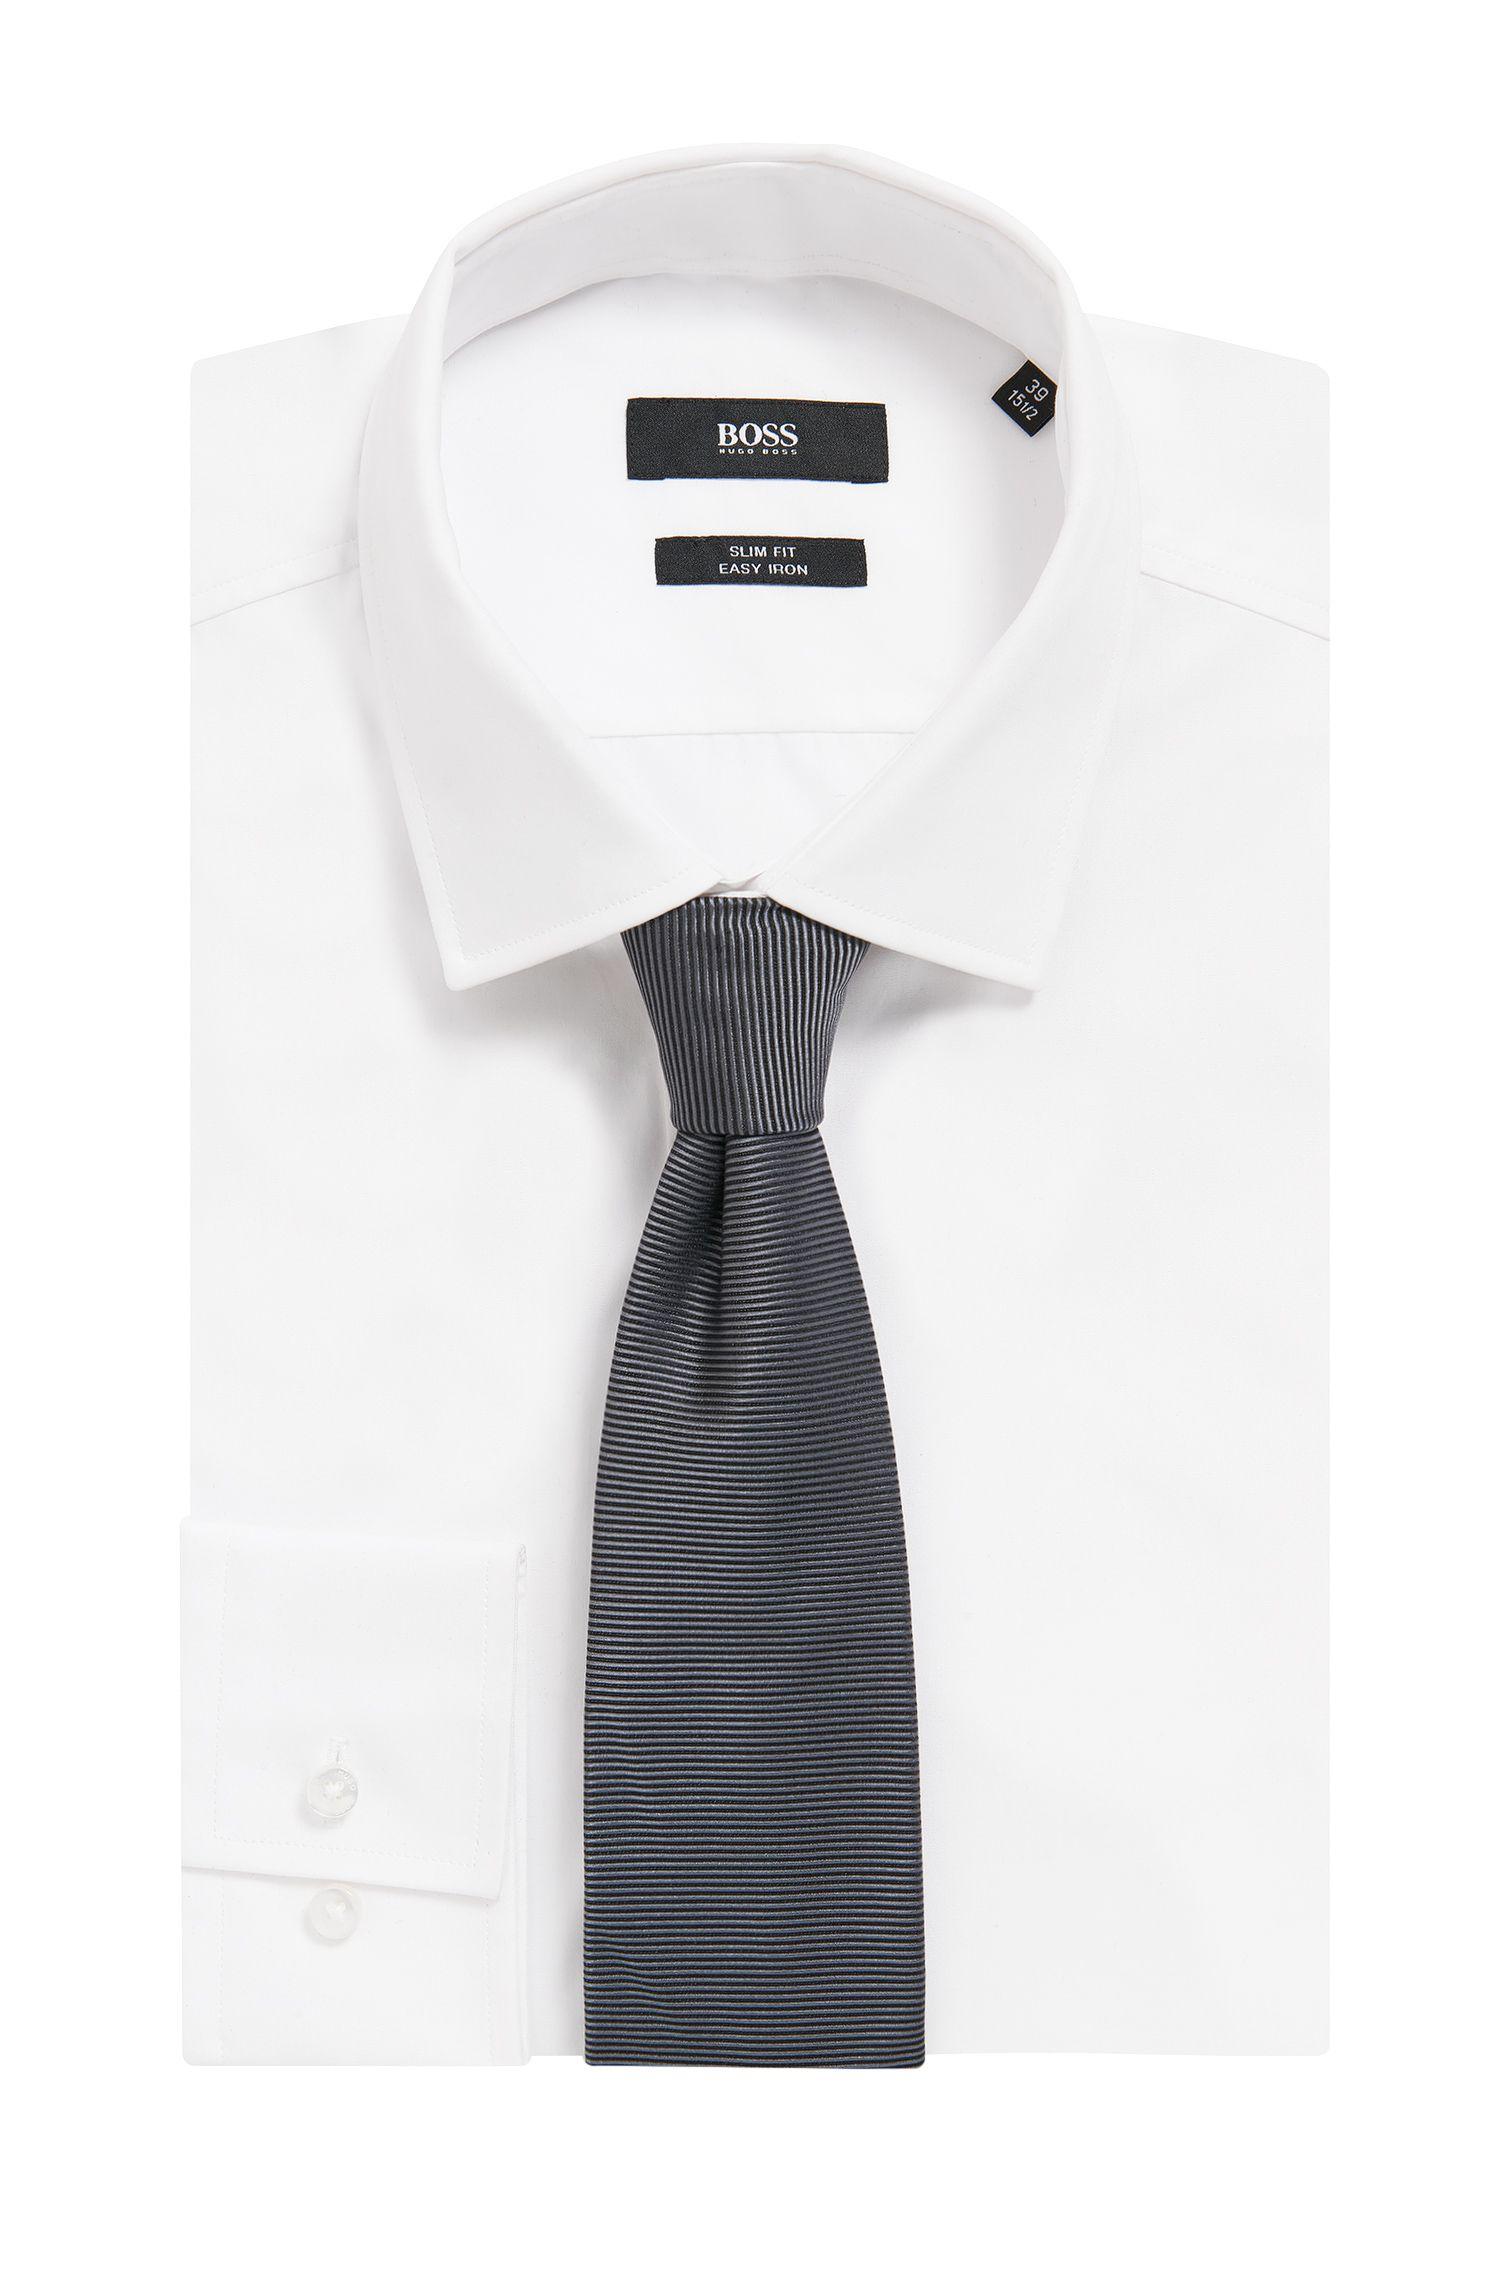 Cravate en jacquard de soie italien